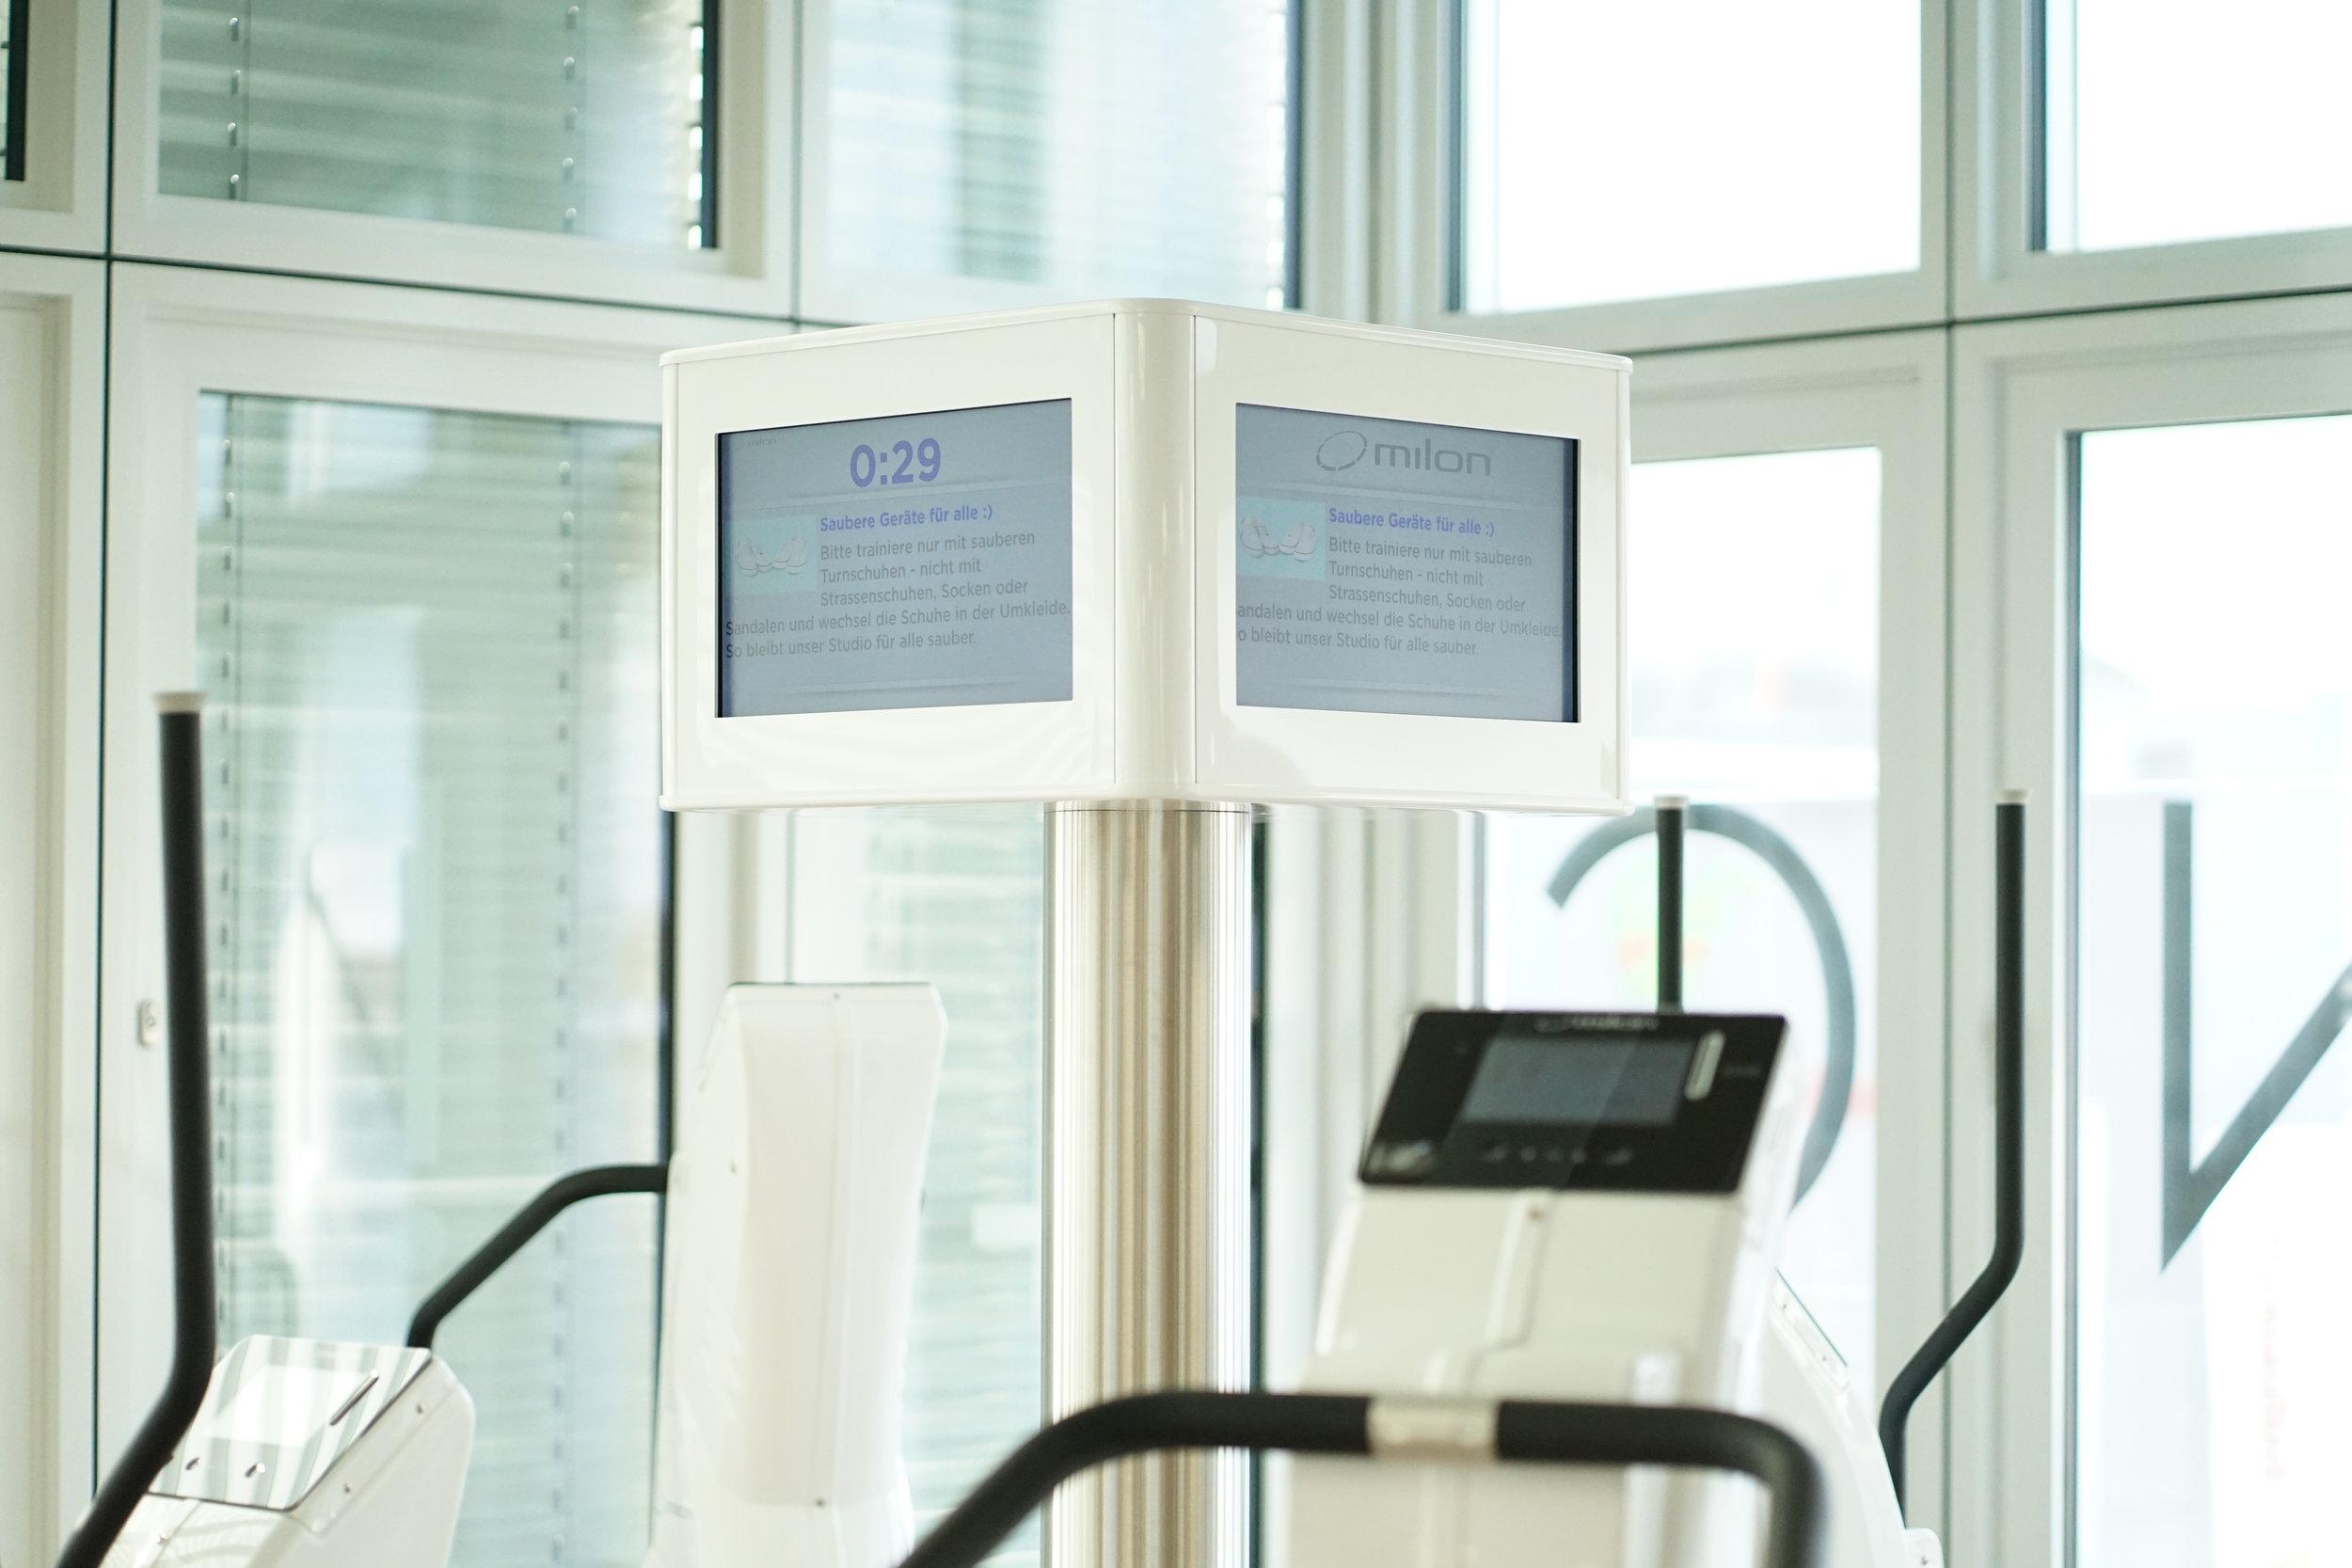 Gesundheitszentrum_Fitness_Arlesheim_4